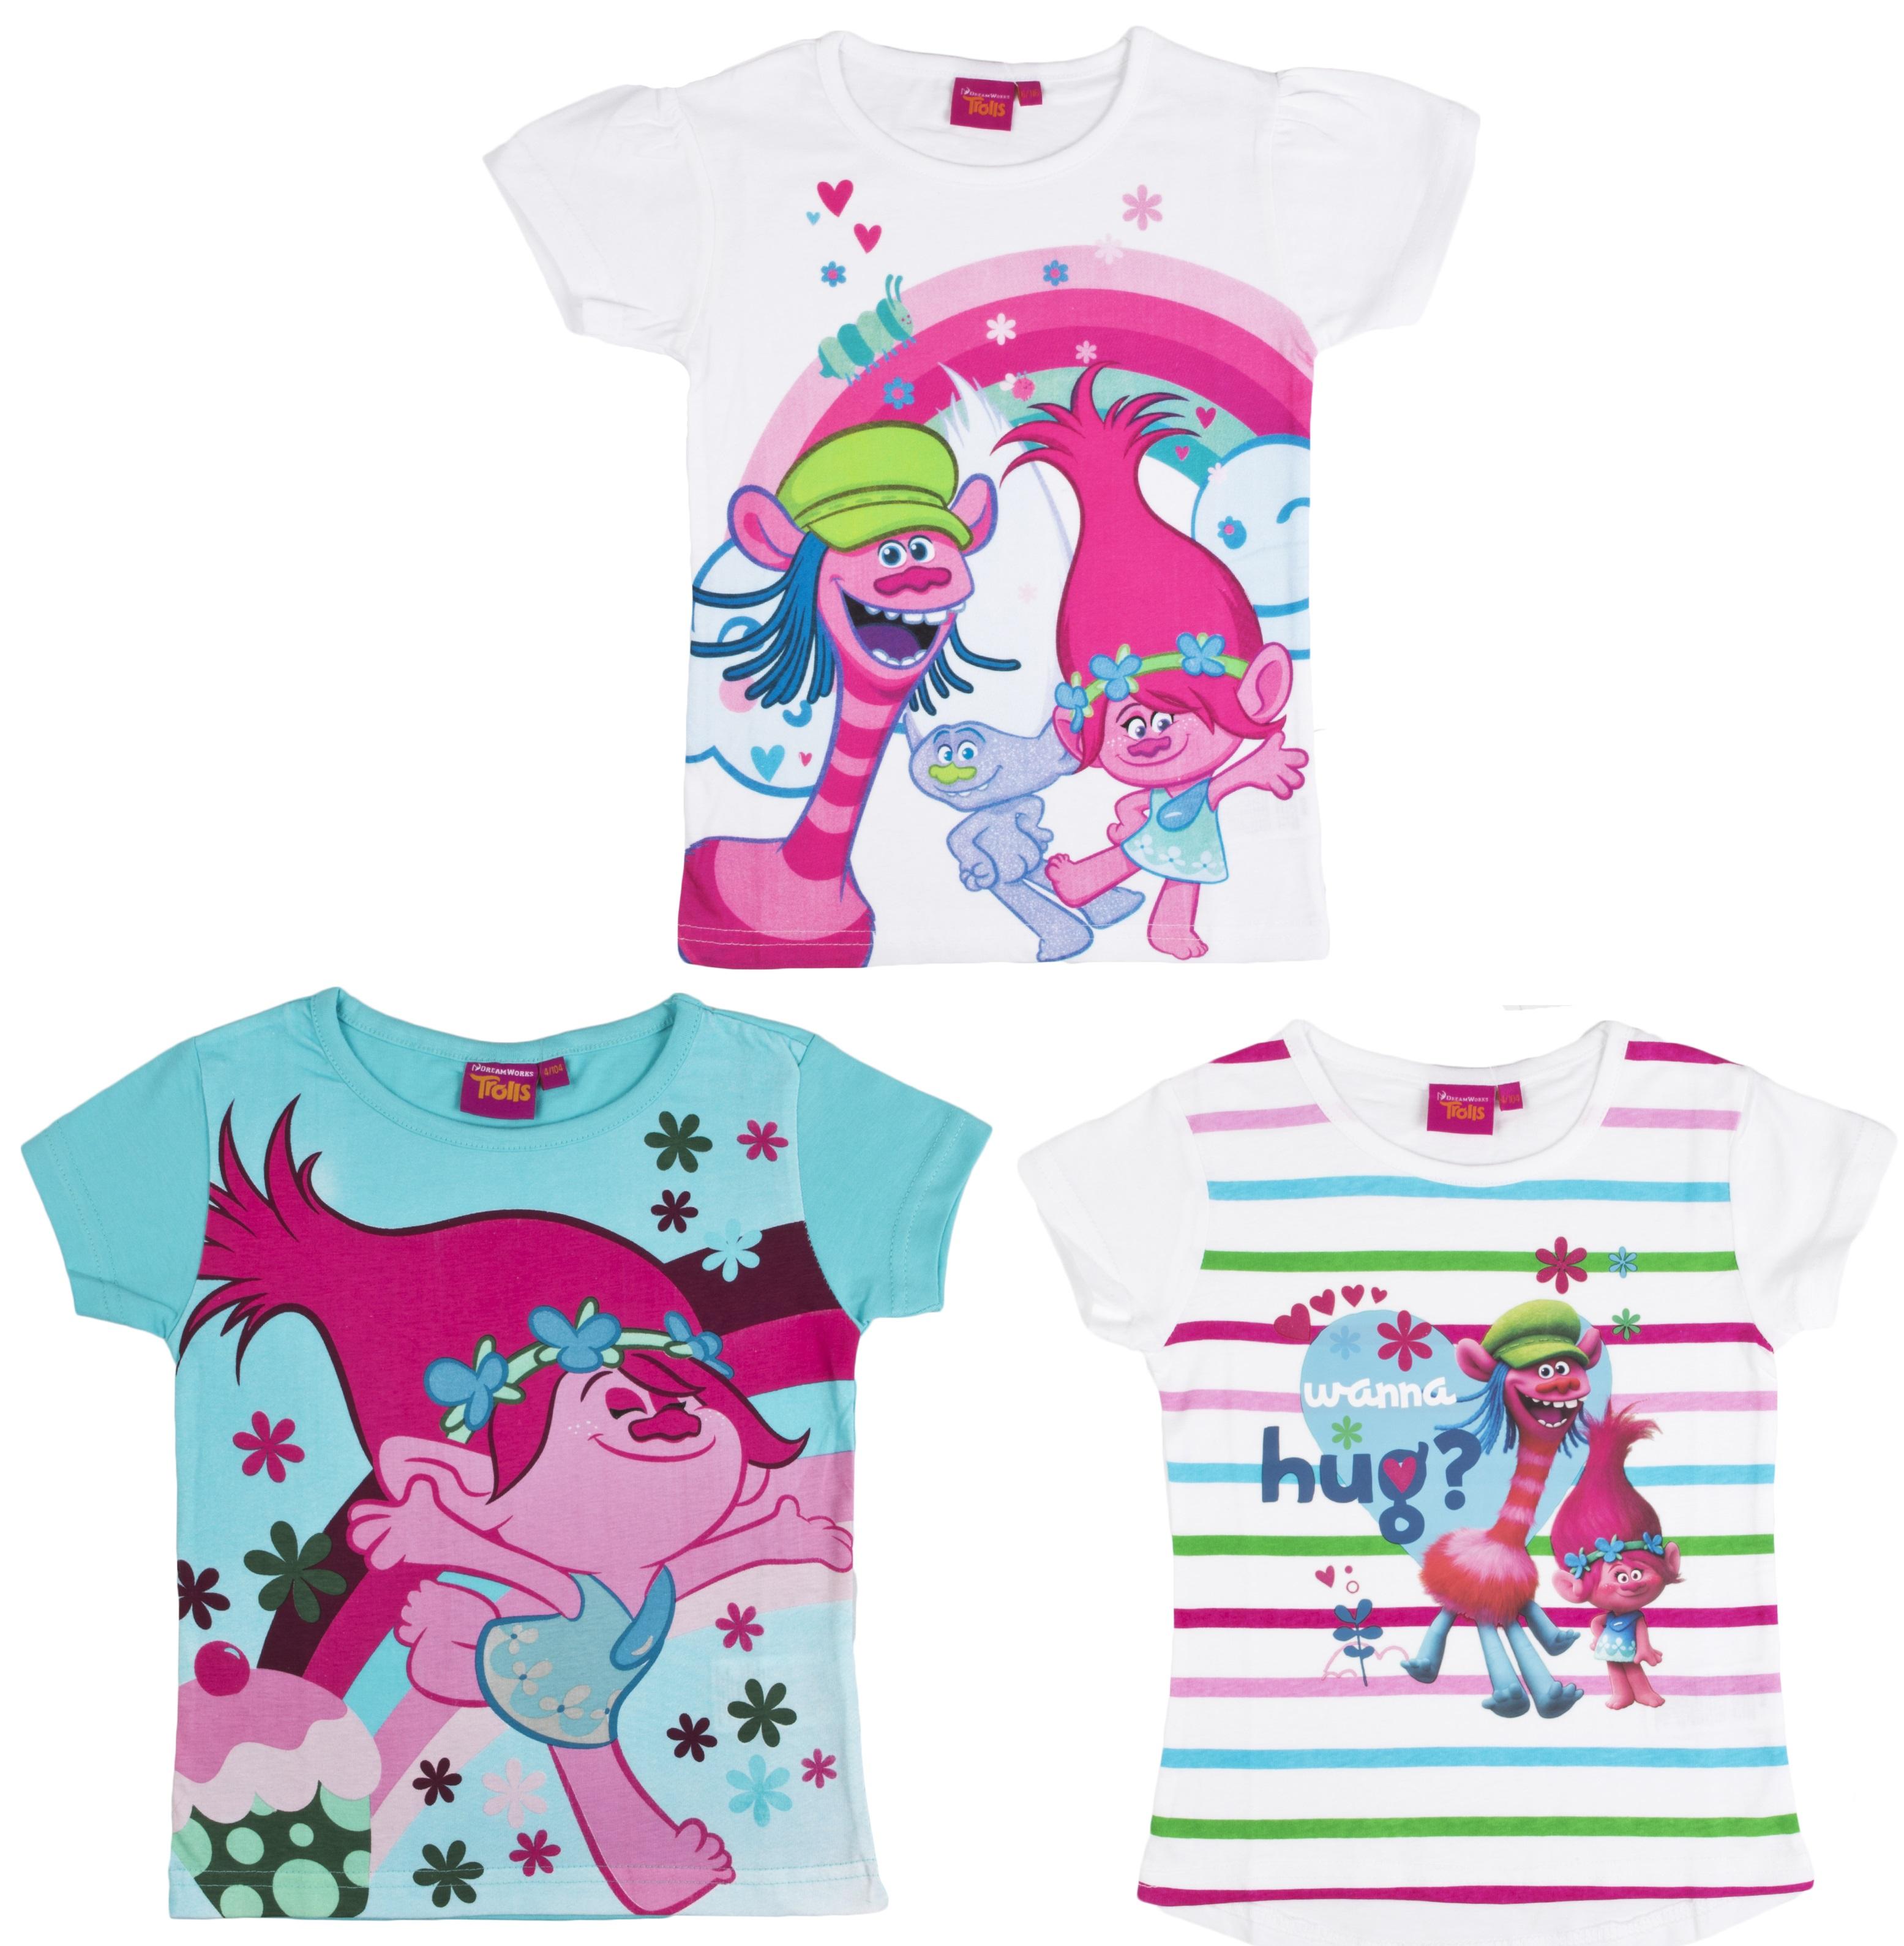 e46be2460 Girls Trolls Short Sleeved T Shirt Kids 100% Cotton Poppy Top Tee Kids  Character